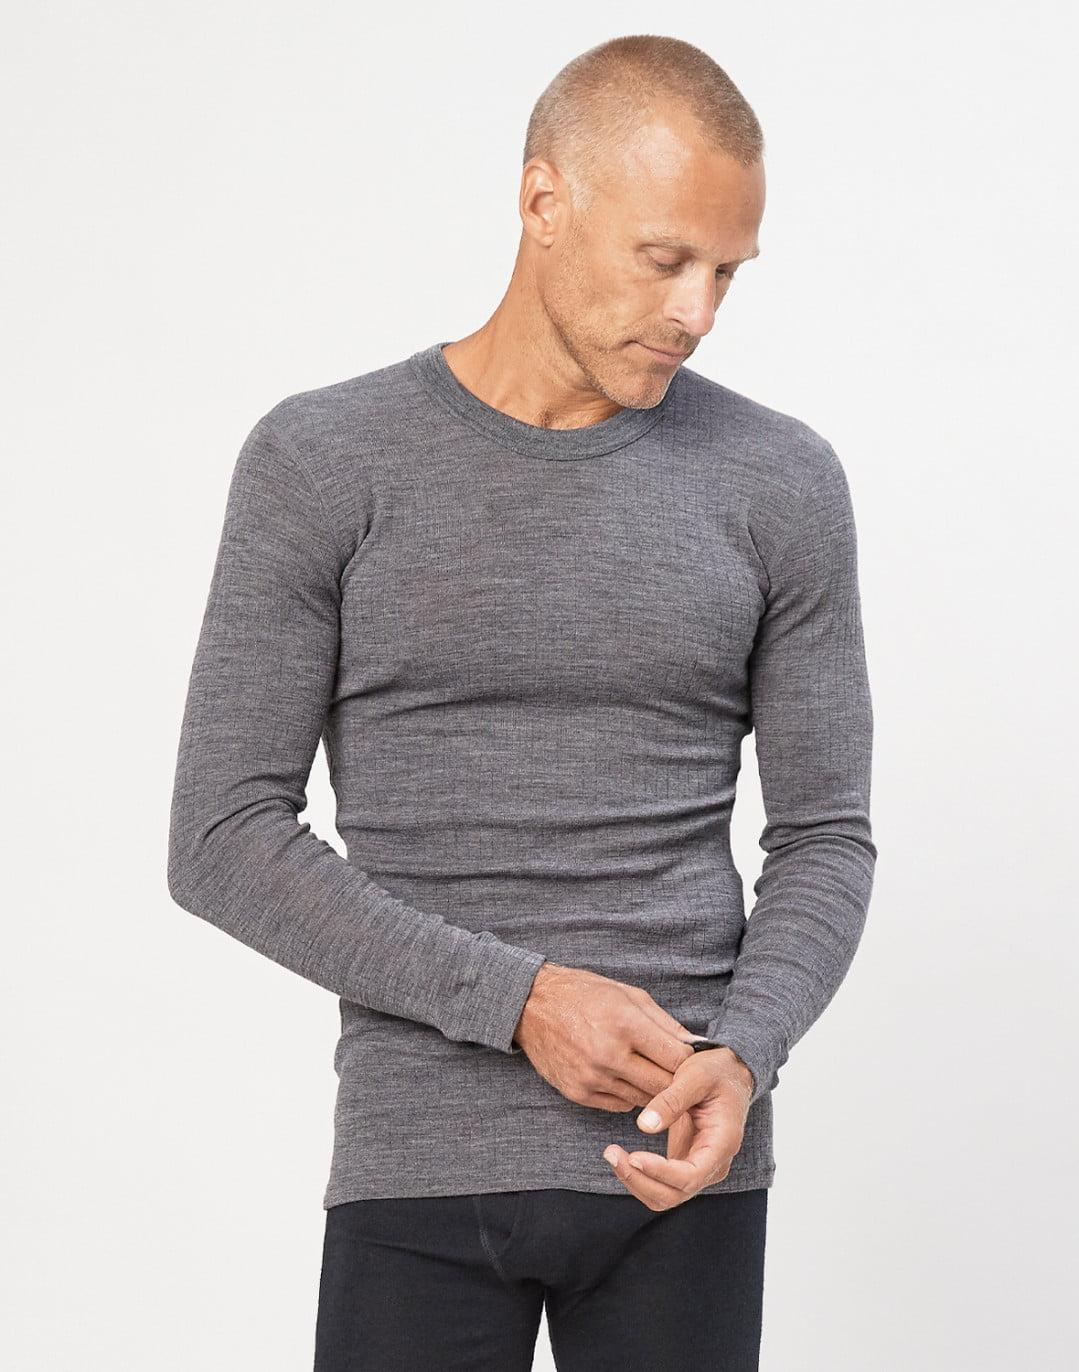 Bluză cu mânecă lungă dark gray din lână merinos organică rib pentru bărbaţi Dilling 5